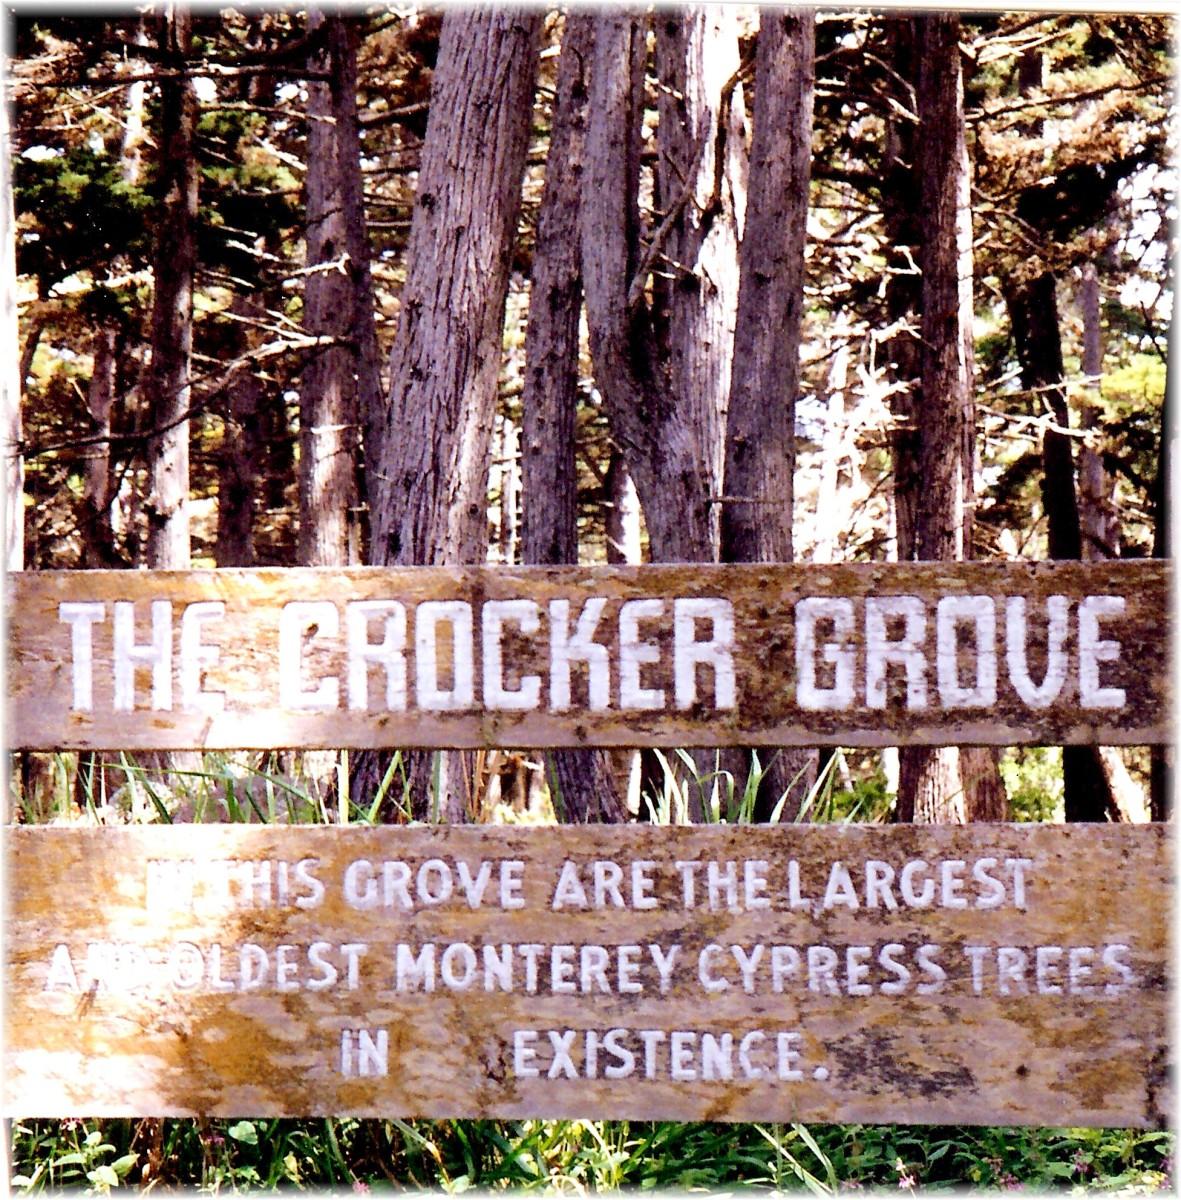 Crocker Grover sign - 17 Mile Drive